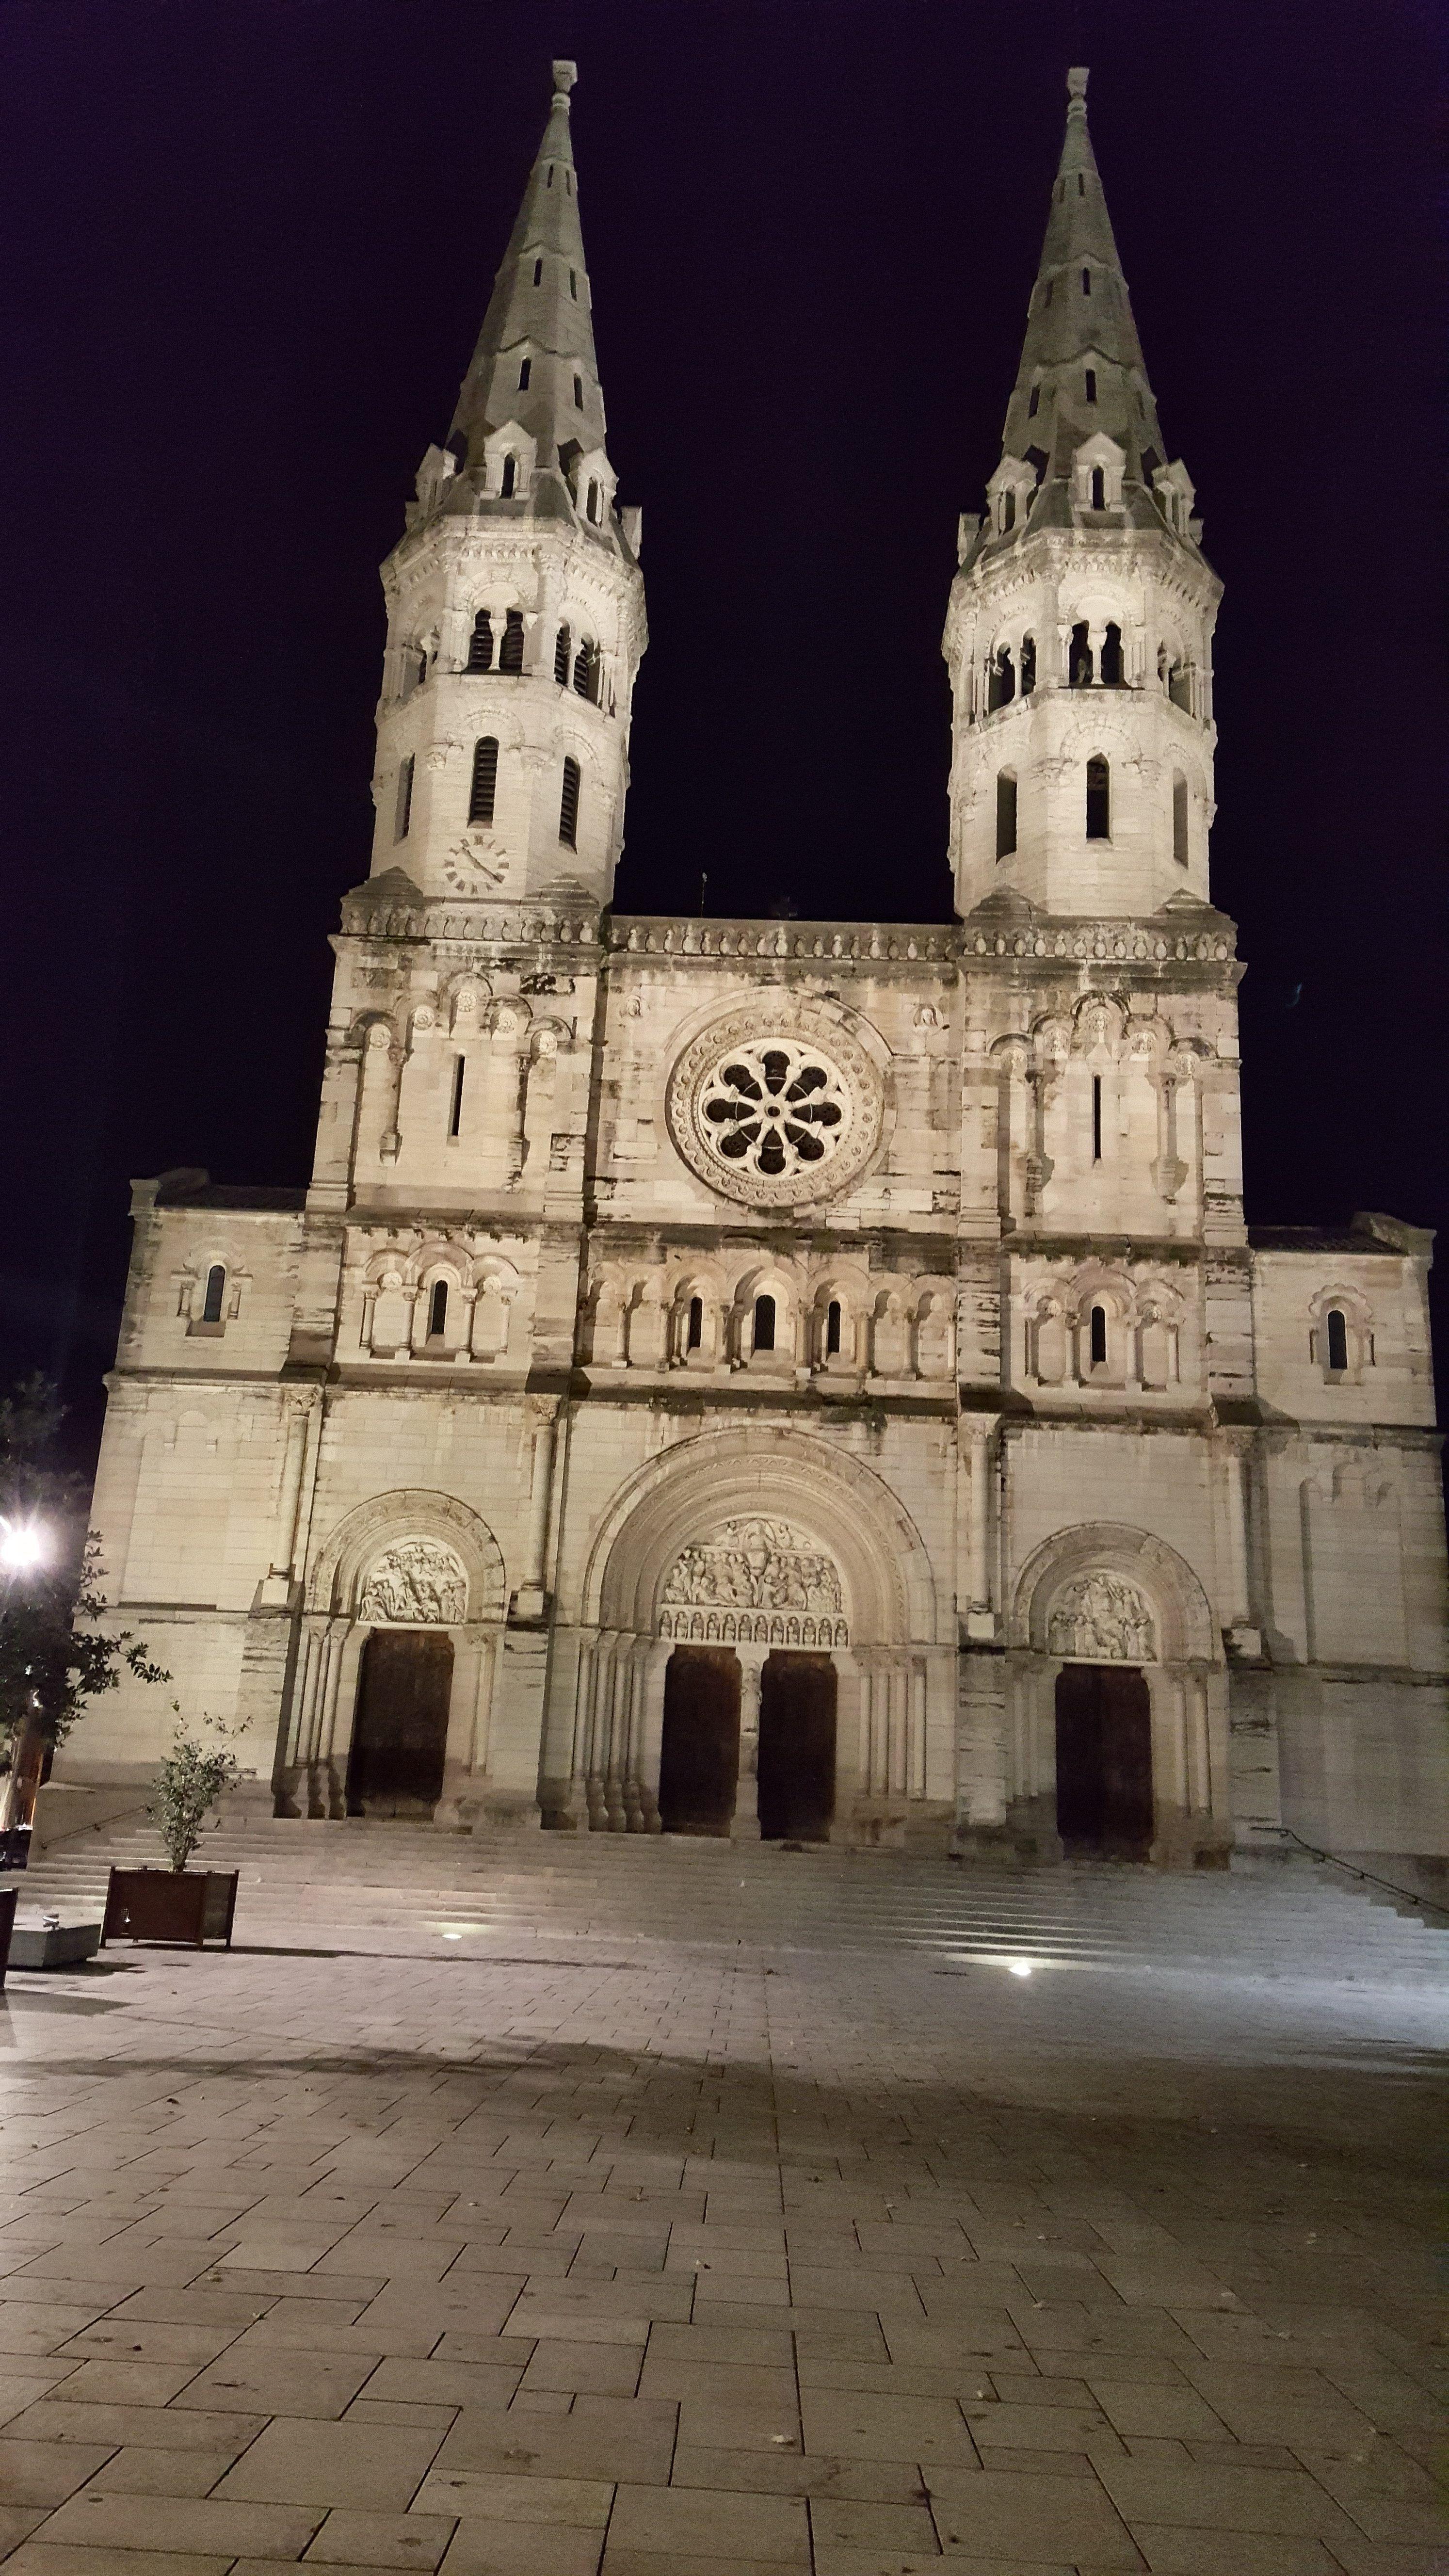 Eglise Saint-Pierre de nuit, à Mâcon